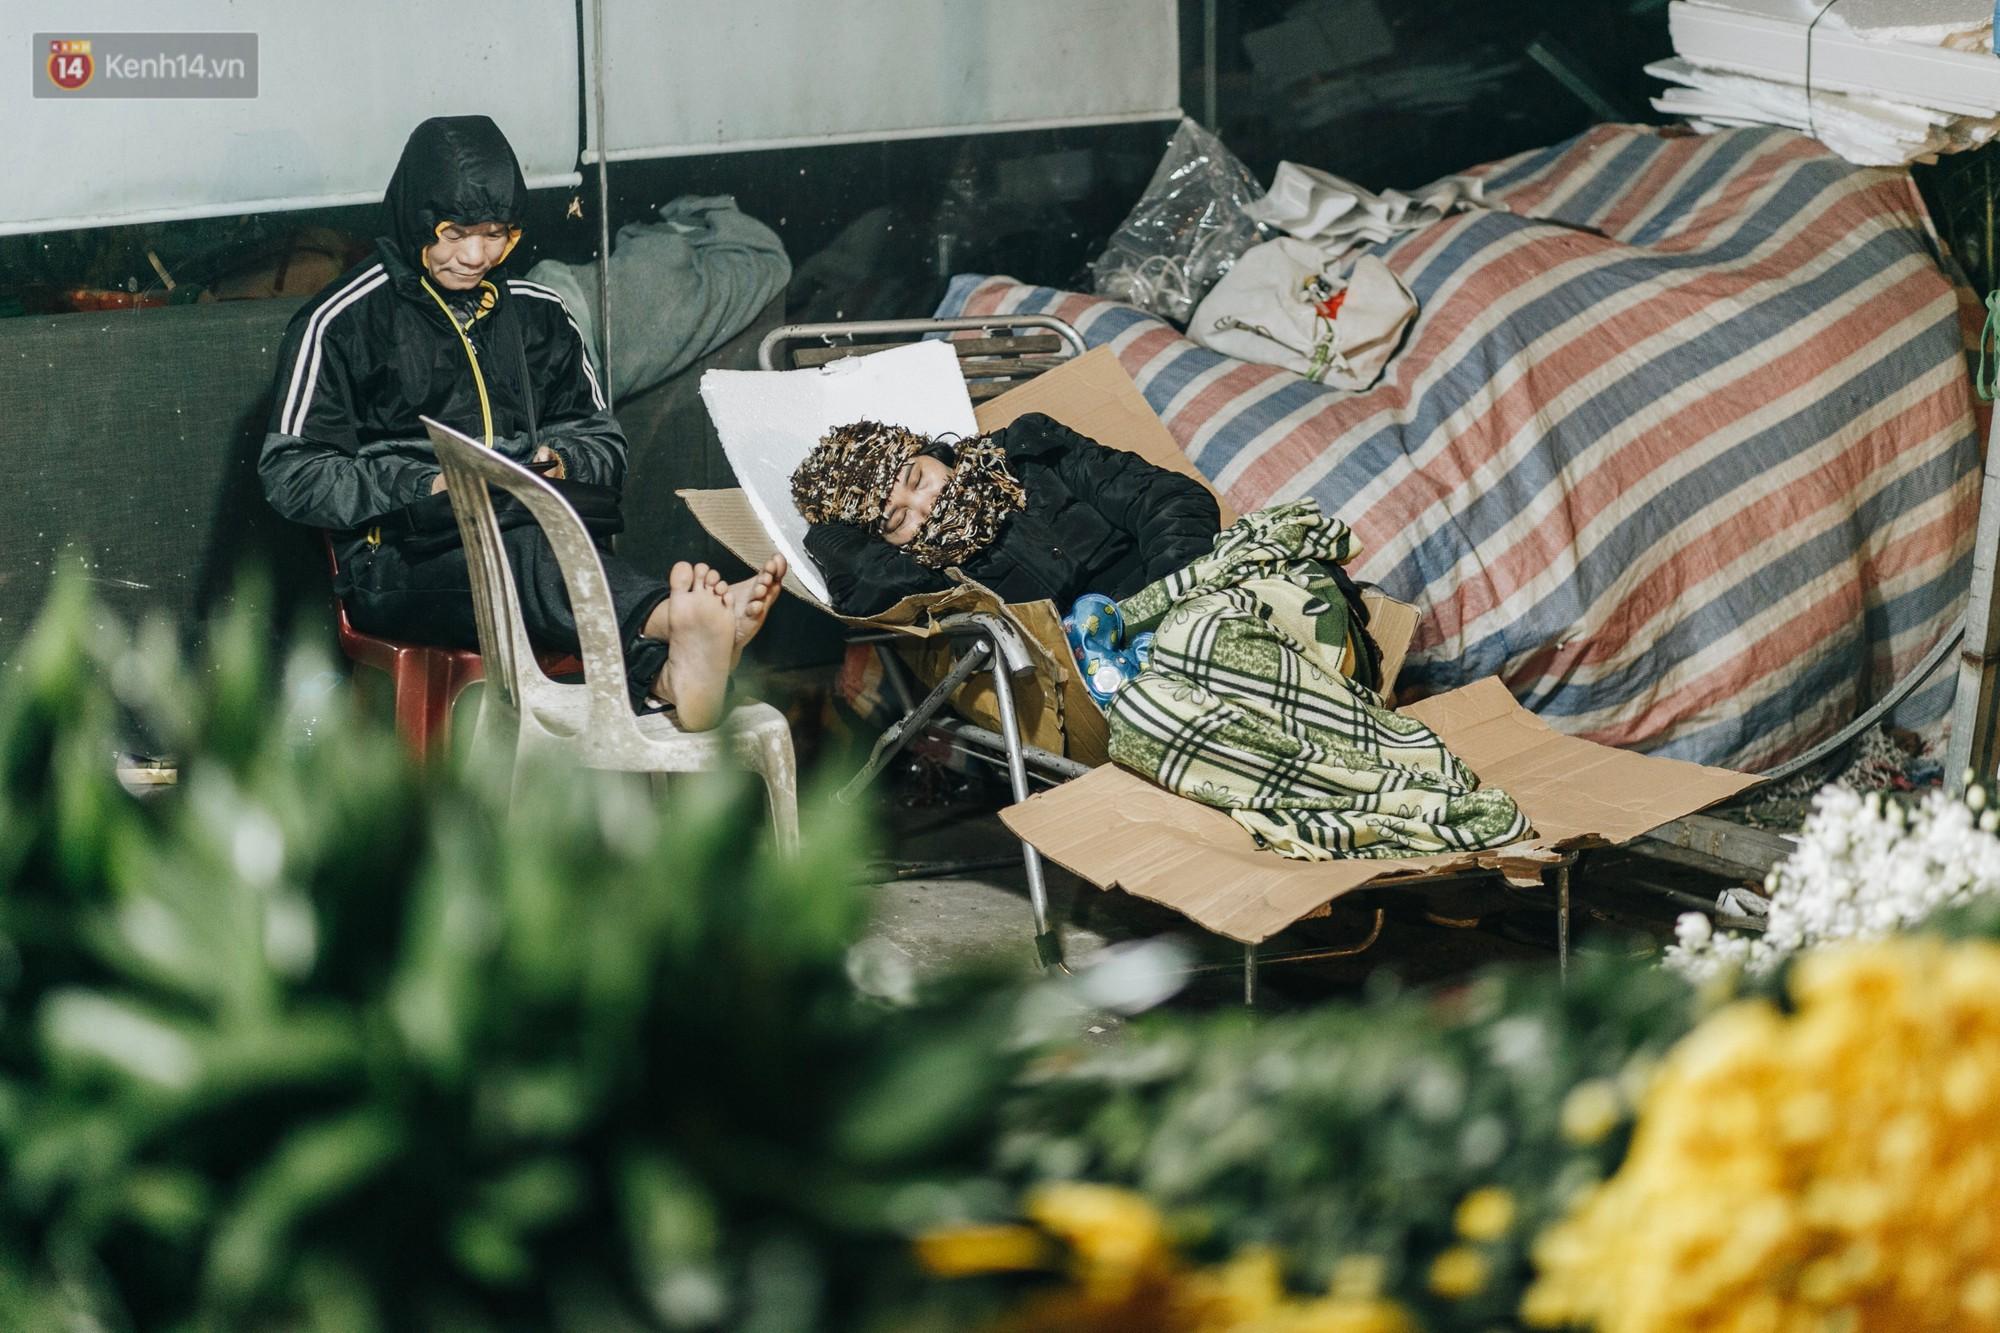 Hà Nội: Người dân dựng lều, trùm chăn canh đào quất cả đêm - Ảnh 3